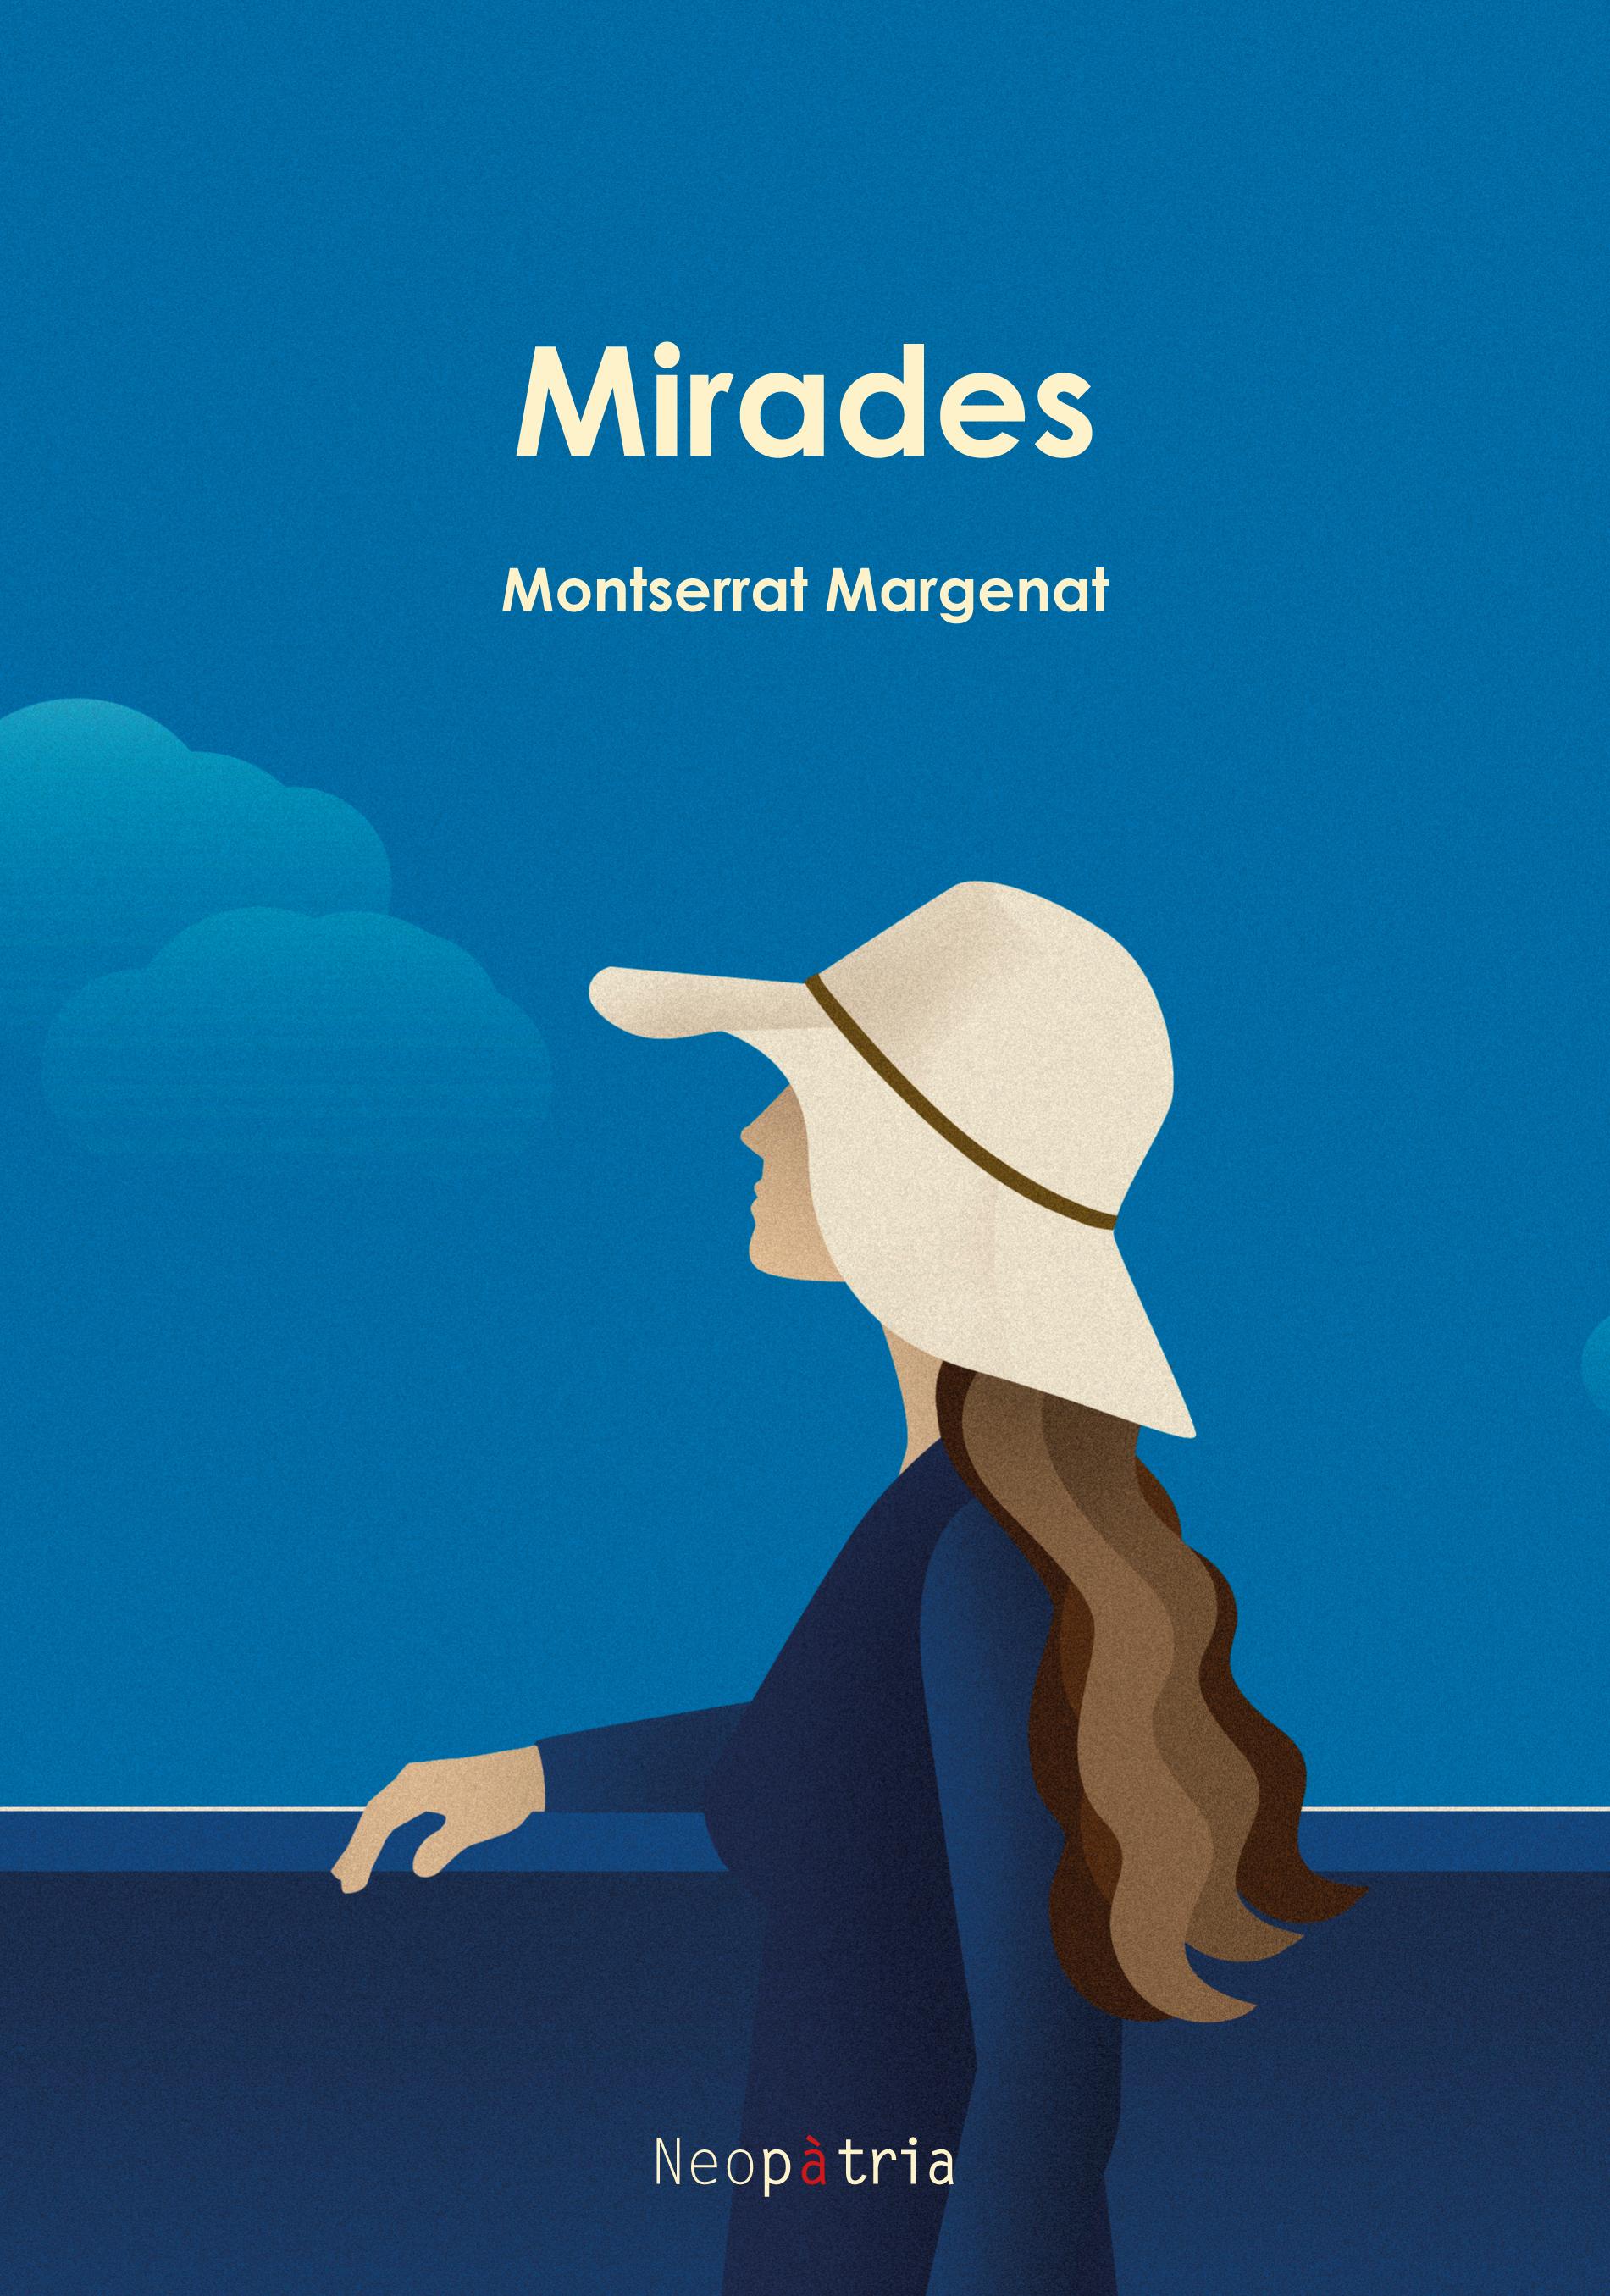 PORT_mirades